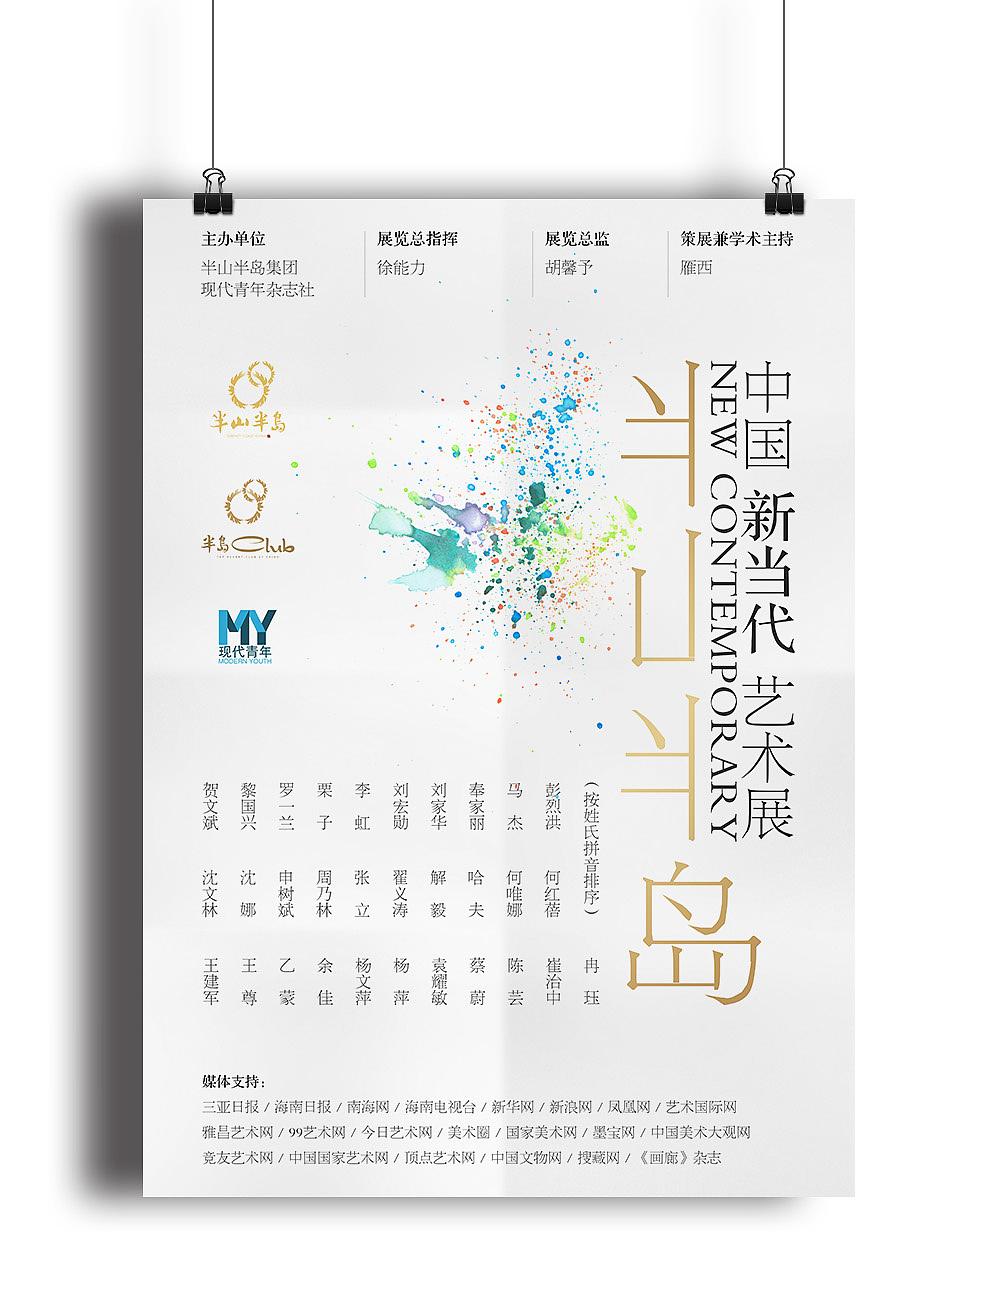 2014年三亚半山半岛艺术展海报设计